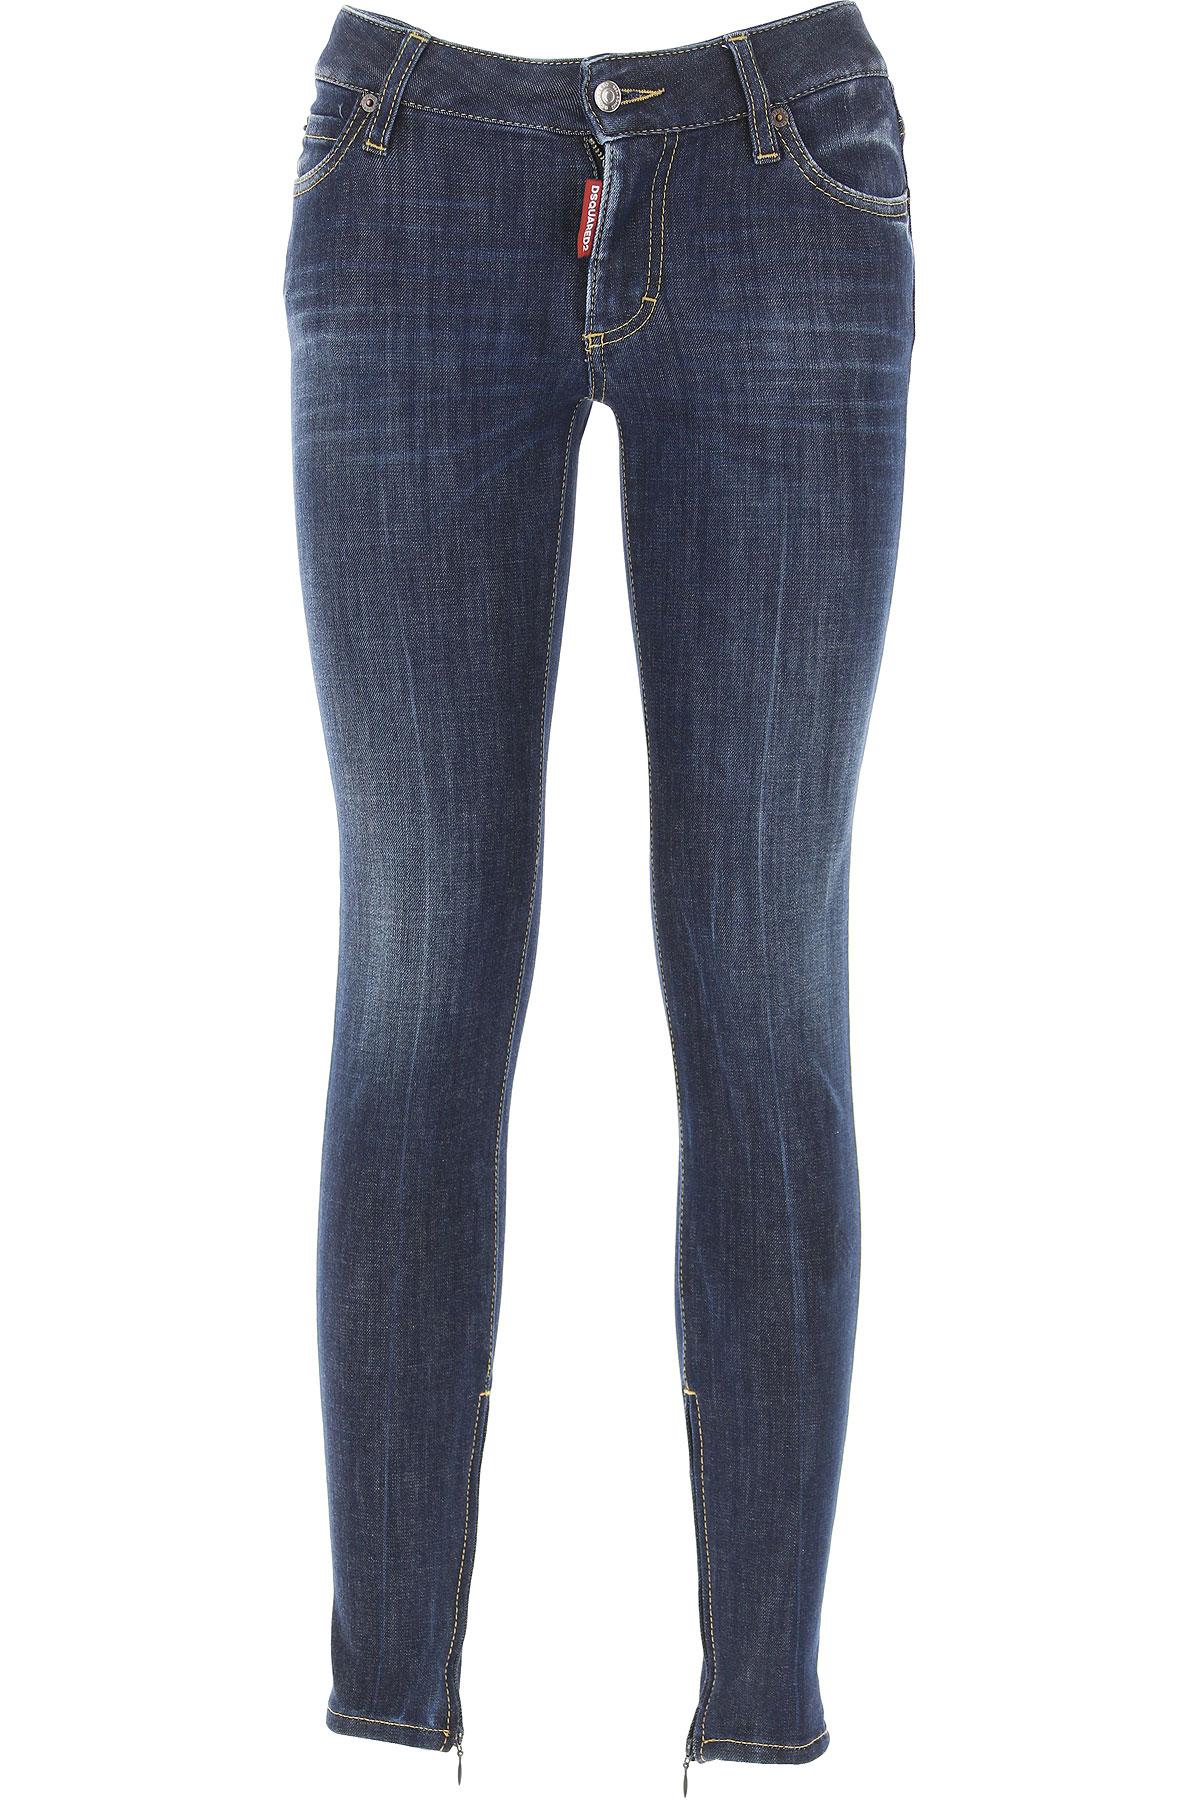 Dsquared2 Jeans On Sale, Blue Denim, Cotton, 2017, 22 26 28 34